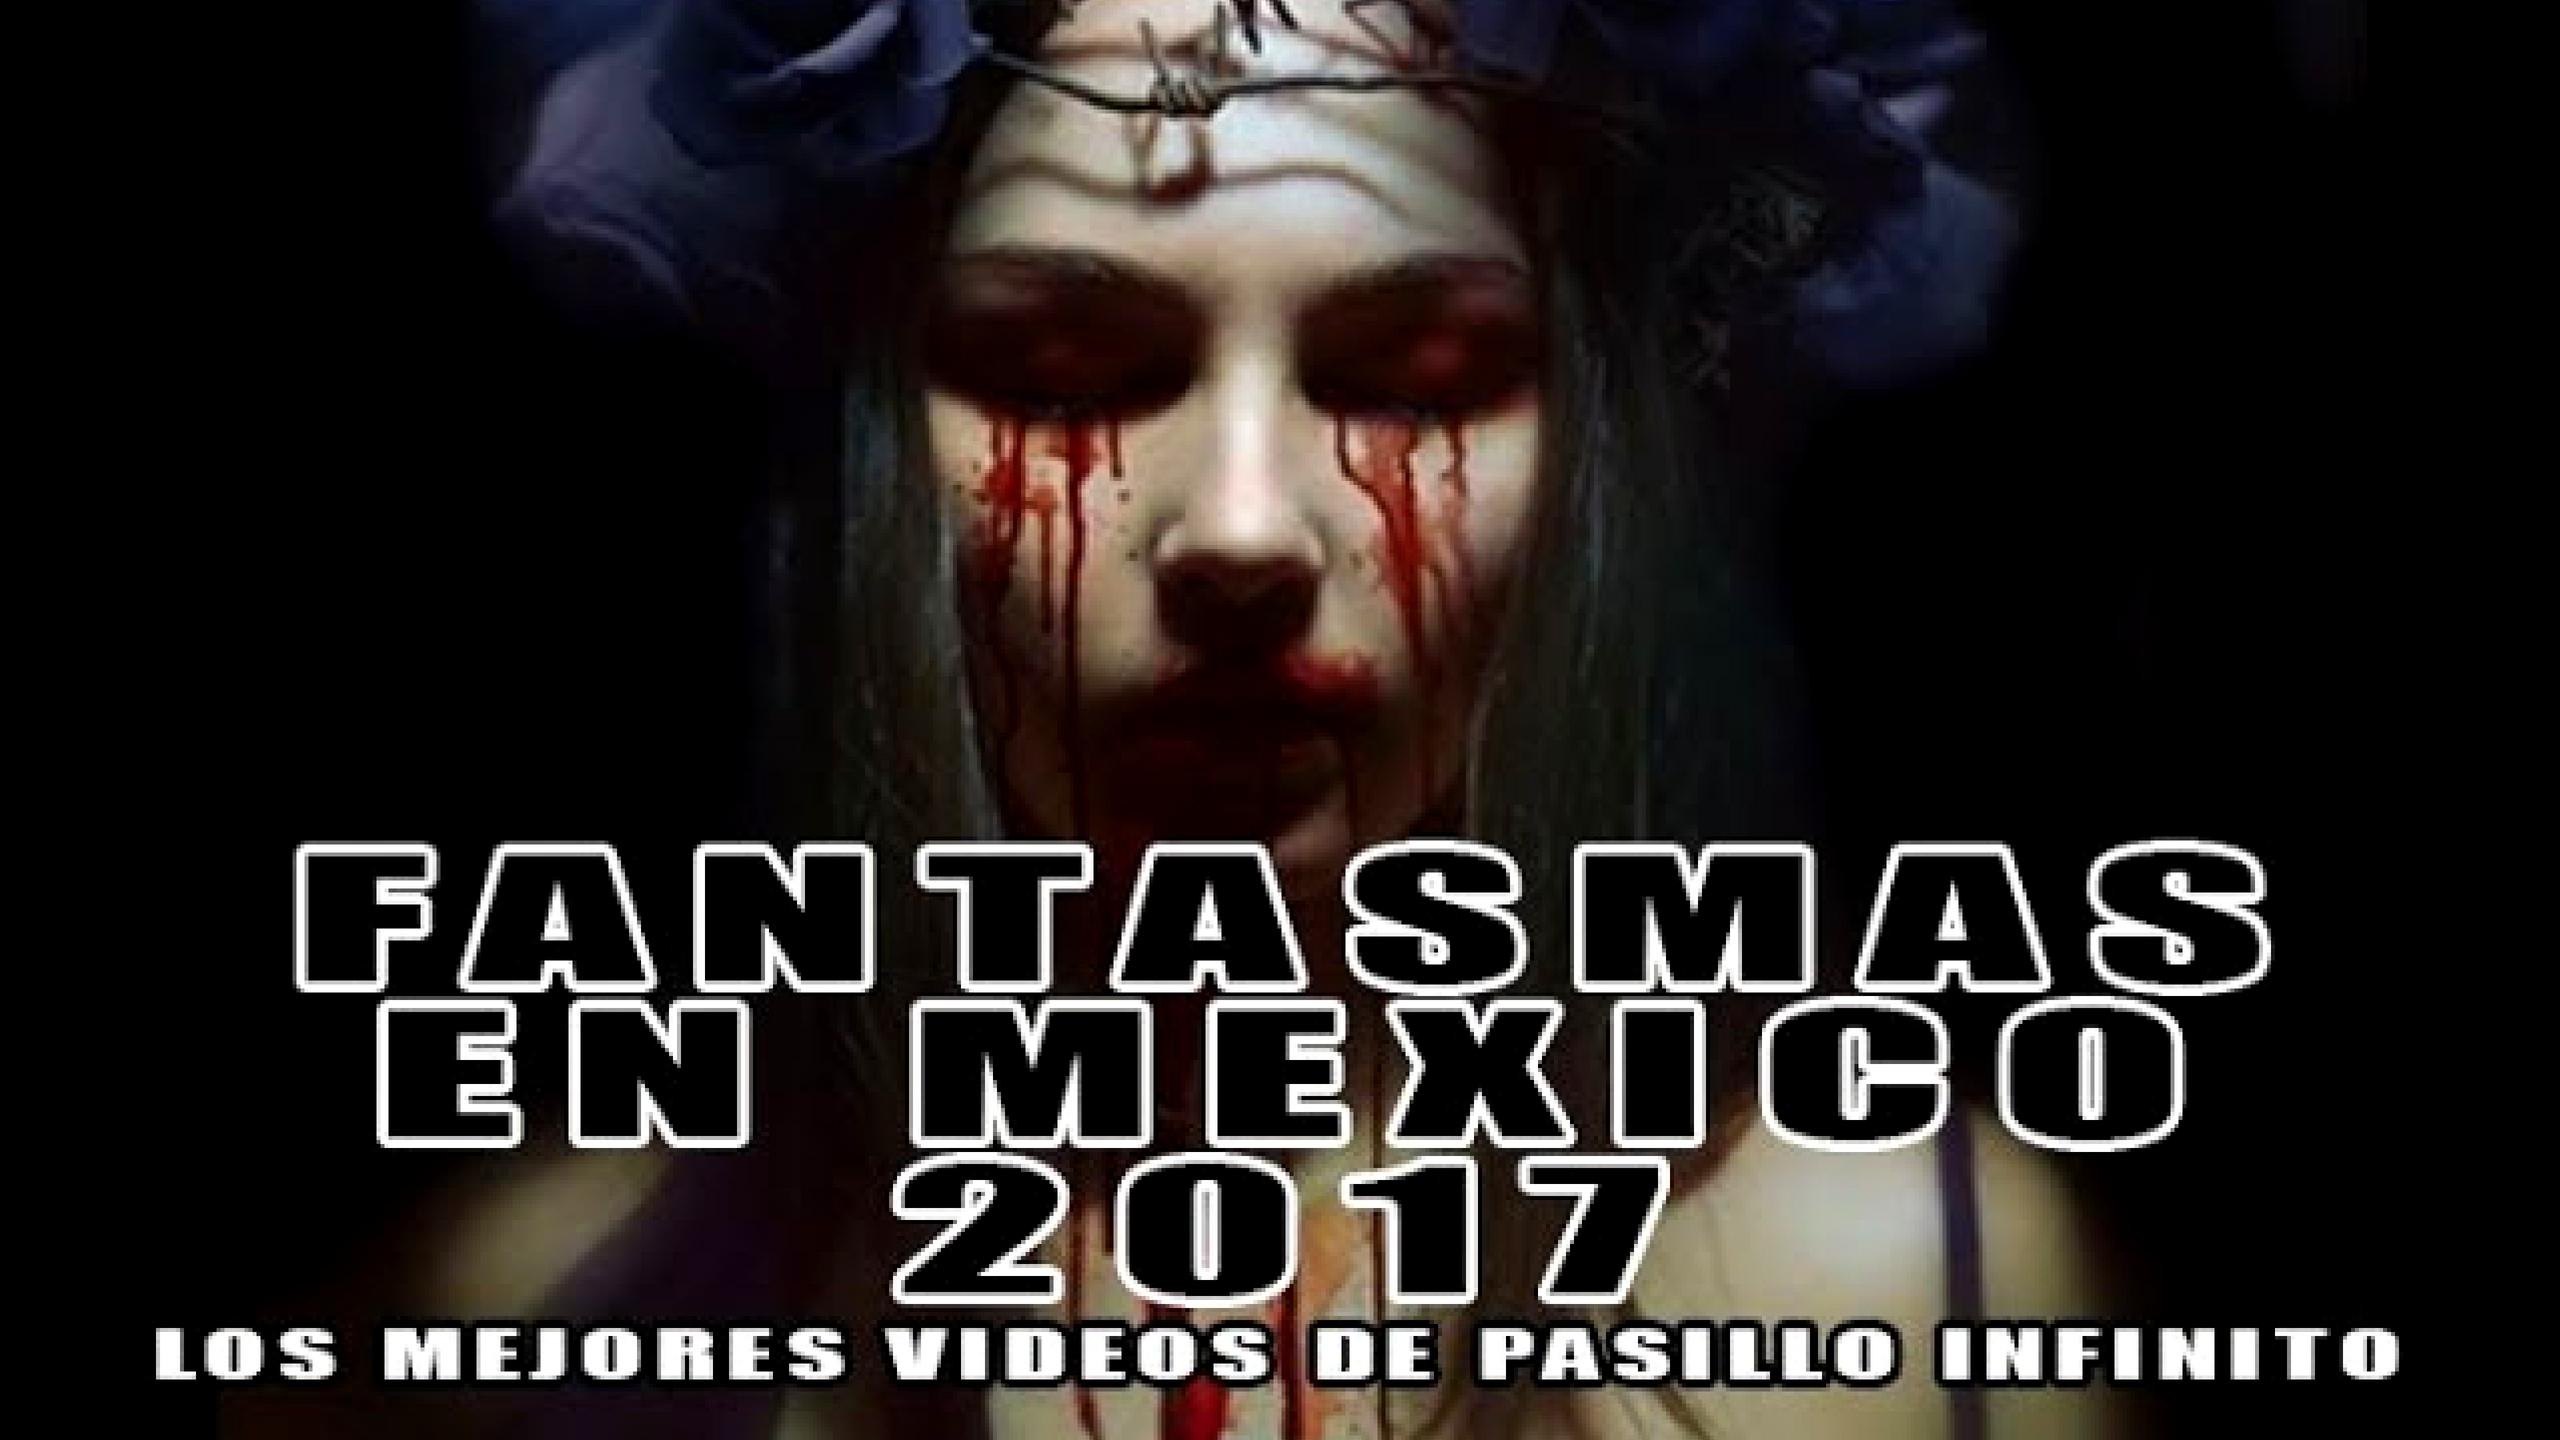 fantasmas en mexico, pasillo infinito